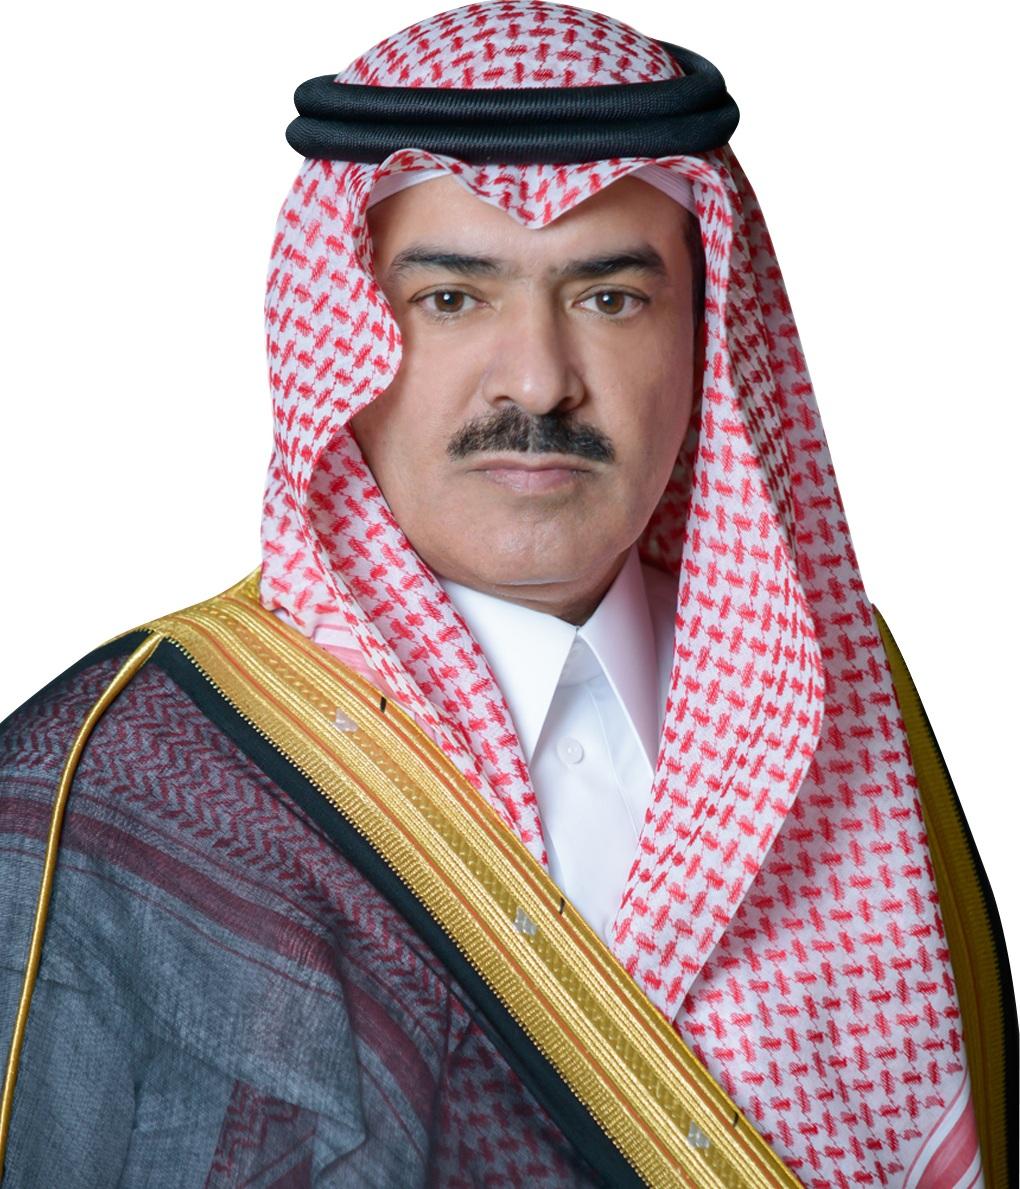 """غرفة الرياض: موافقة """"الوزراء"""" على تأسيس مجلس التجارة الإلكترونية يطور المجال"""